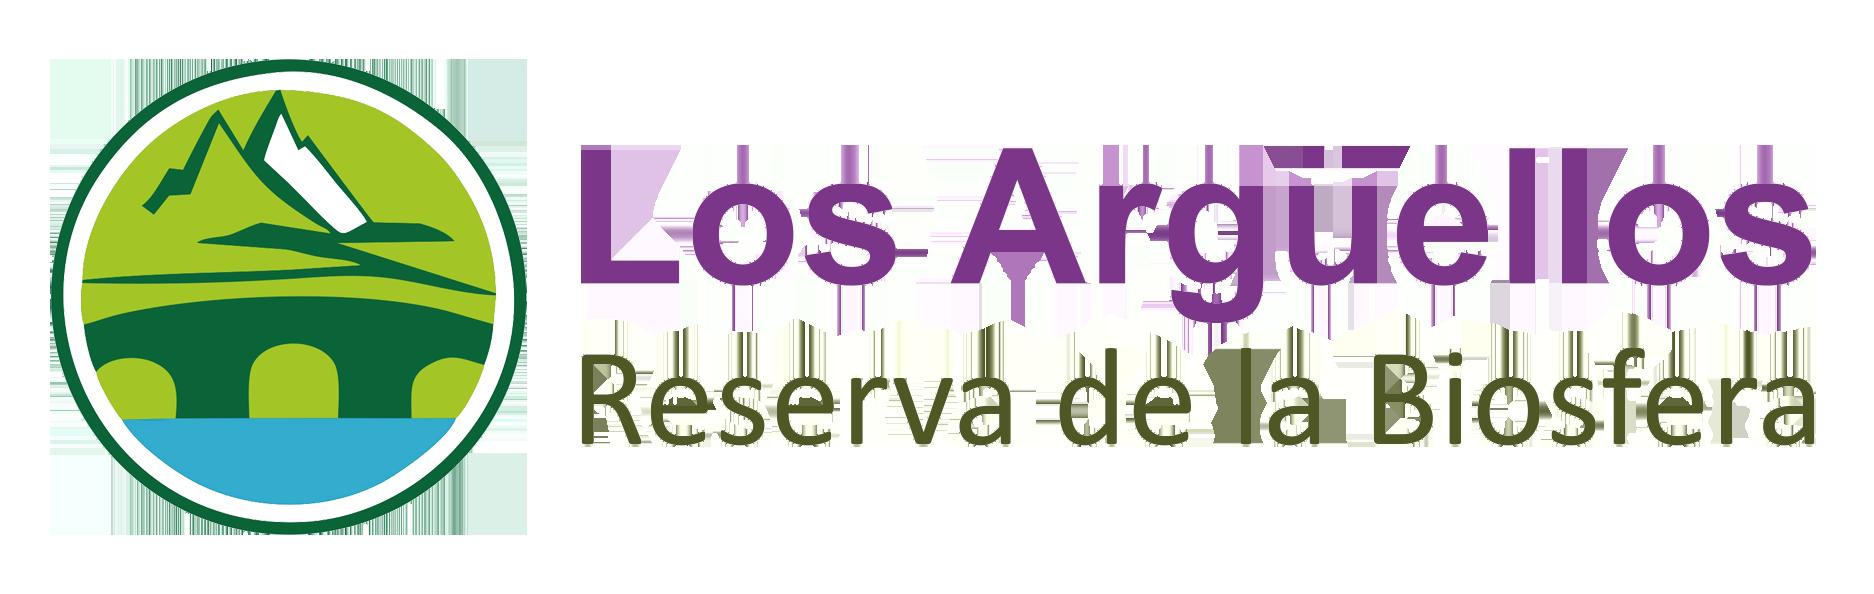 Los Argüellos | Reserva de la Biosfera